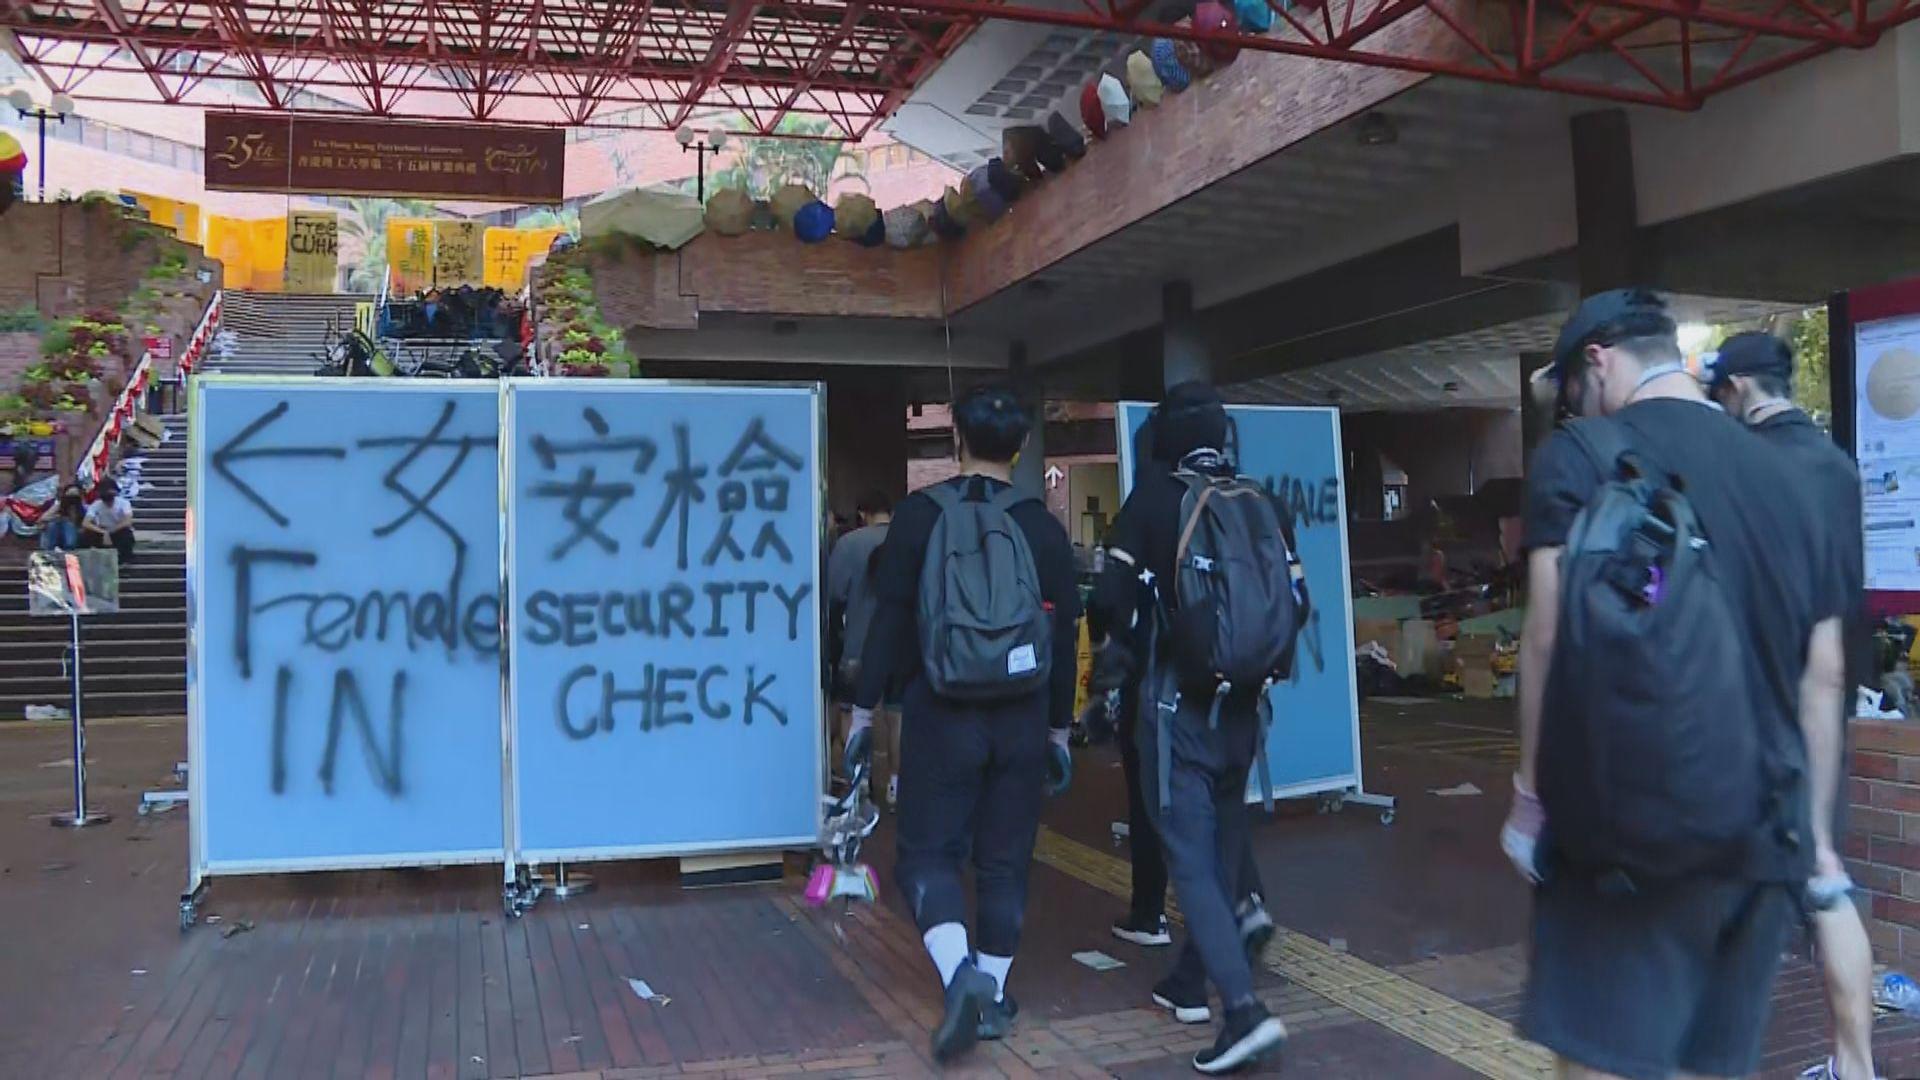 留守理大示威者出入口設關卡 檢查外人身分